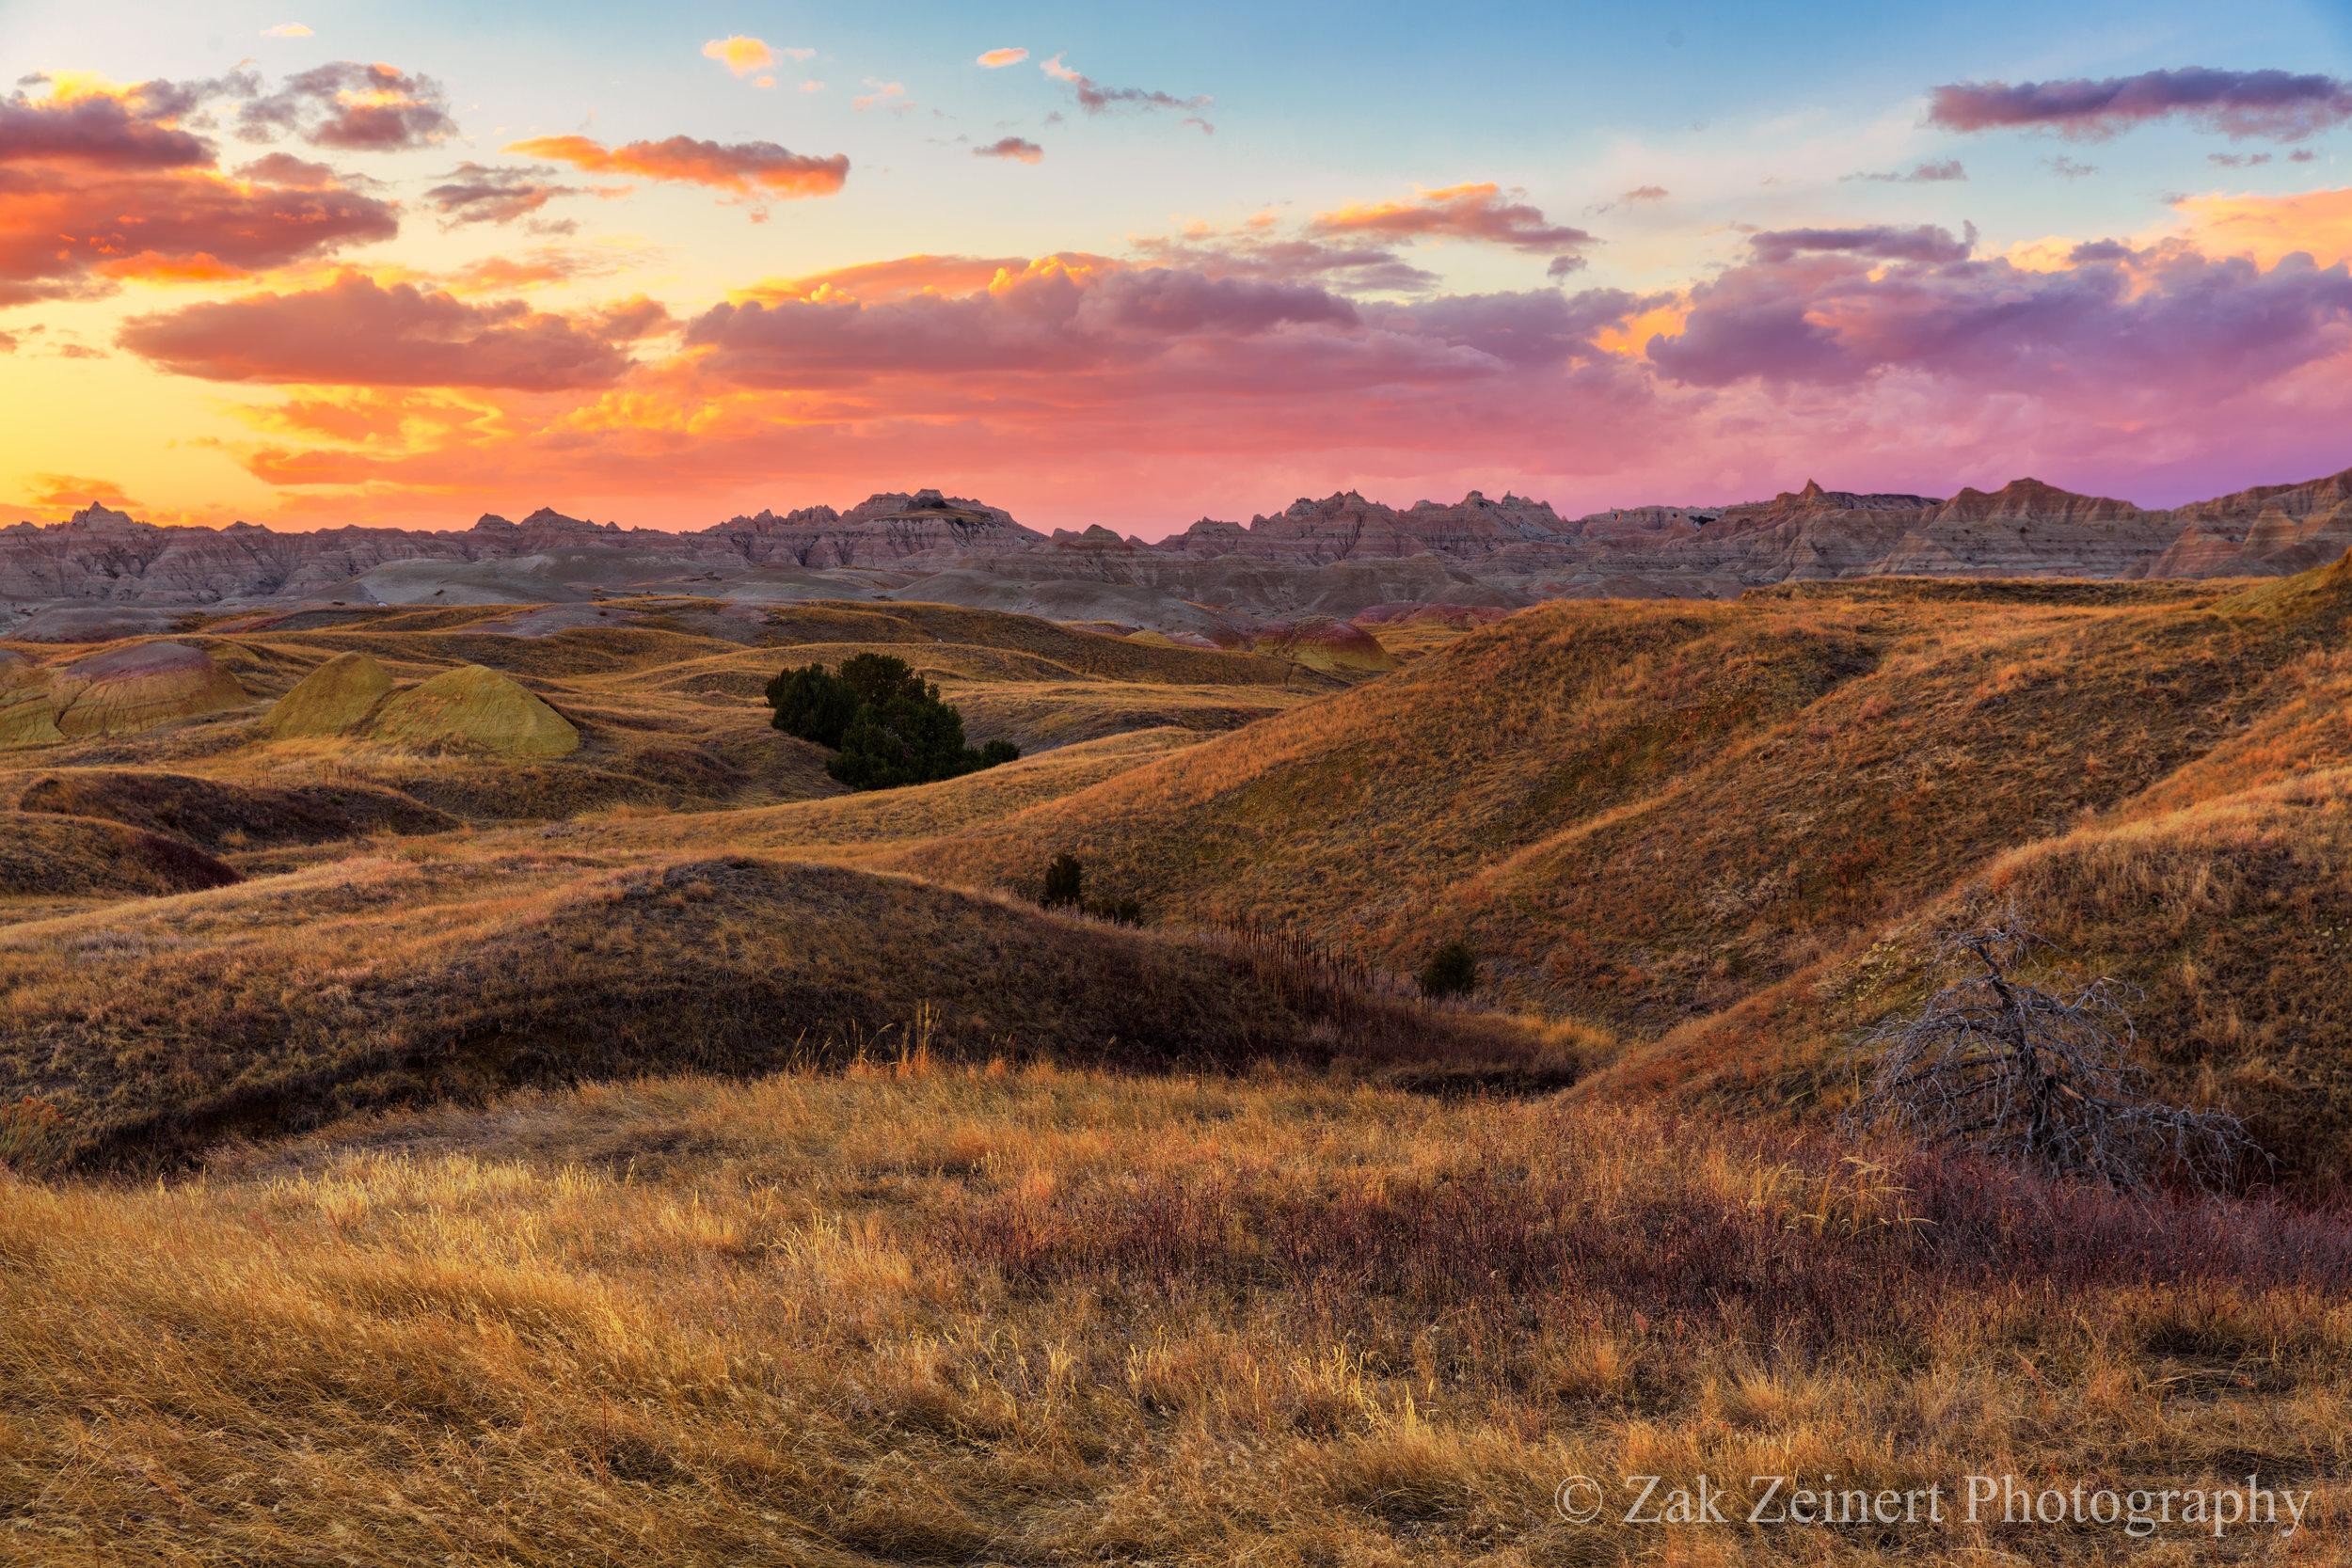 Sunset over Badlands National Park